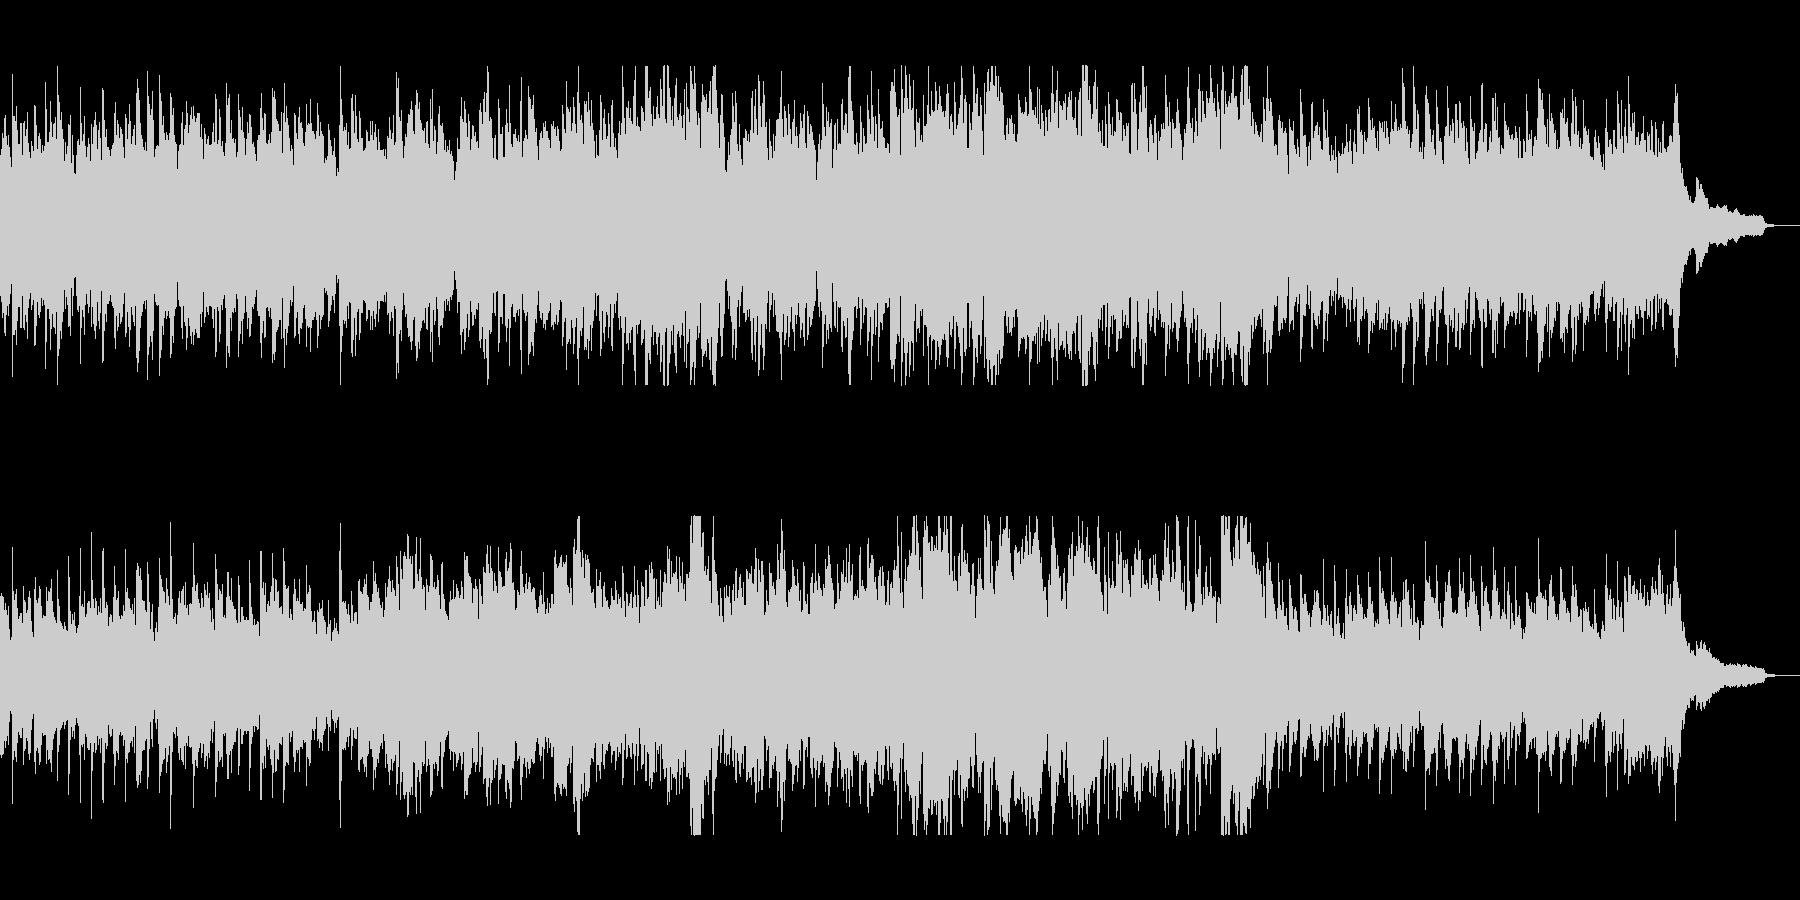 ピアノの素敵な音色の優雅なバラードの未再生の波形